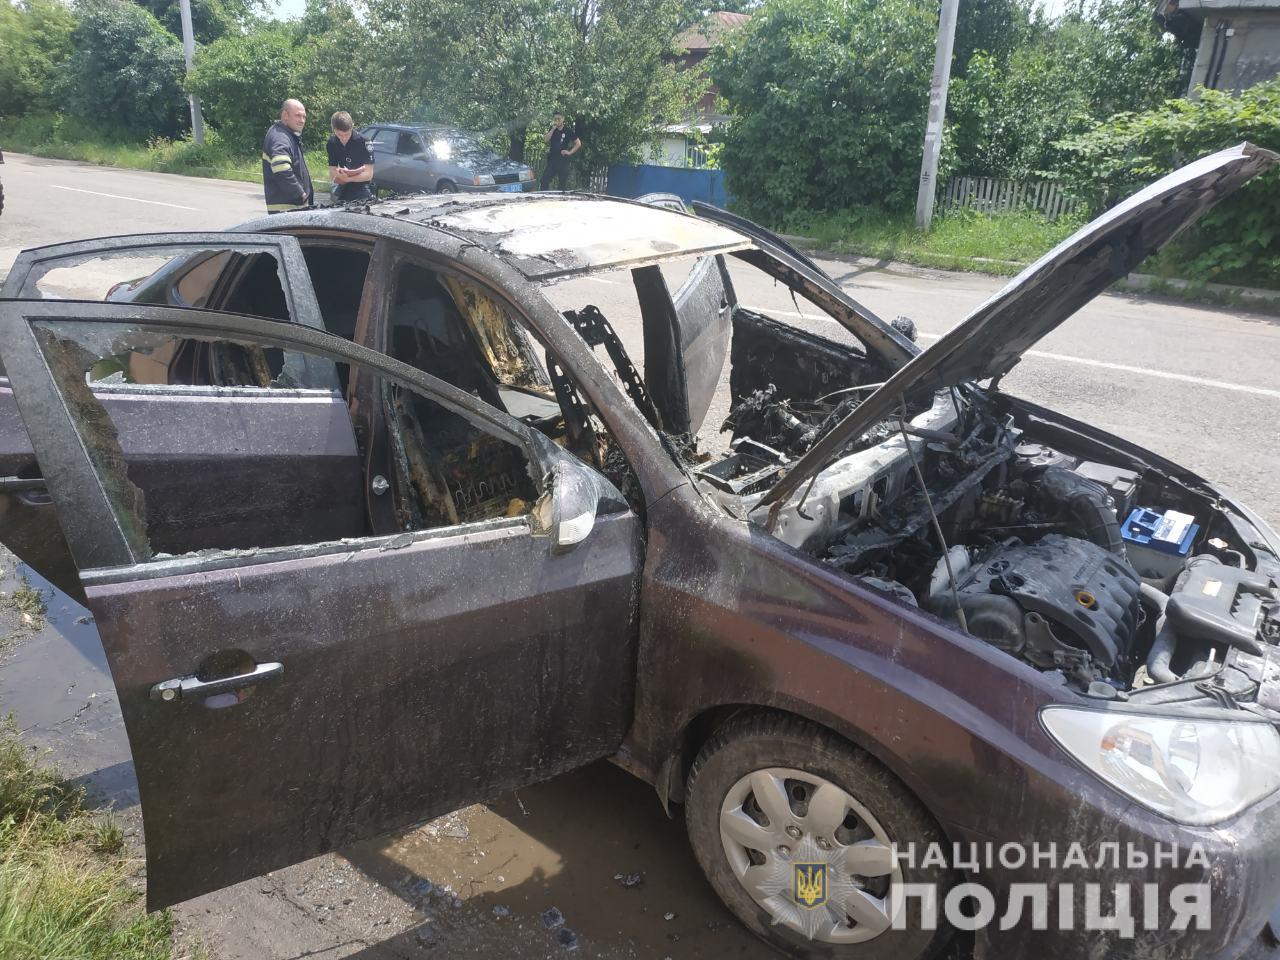 Под Киевом в салоне авто взорвался газовый баллон: пострадал 3-летний ребенок